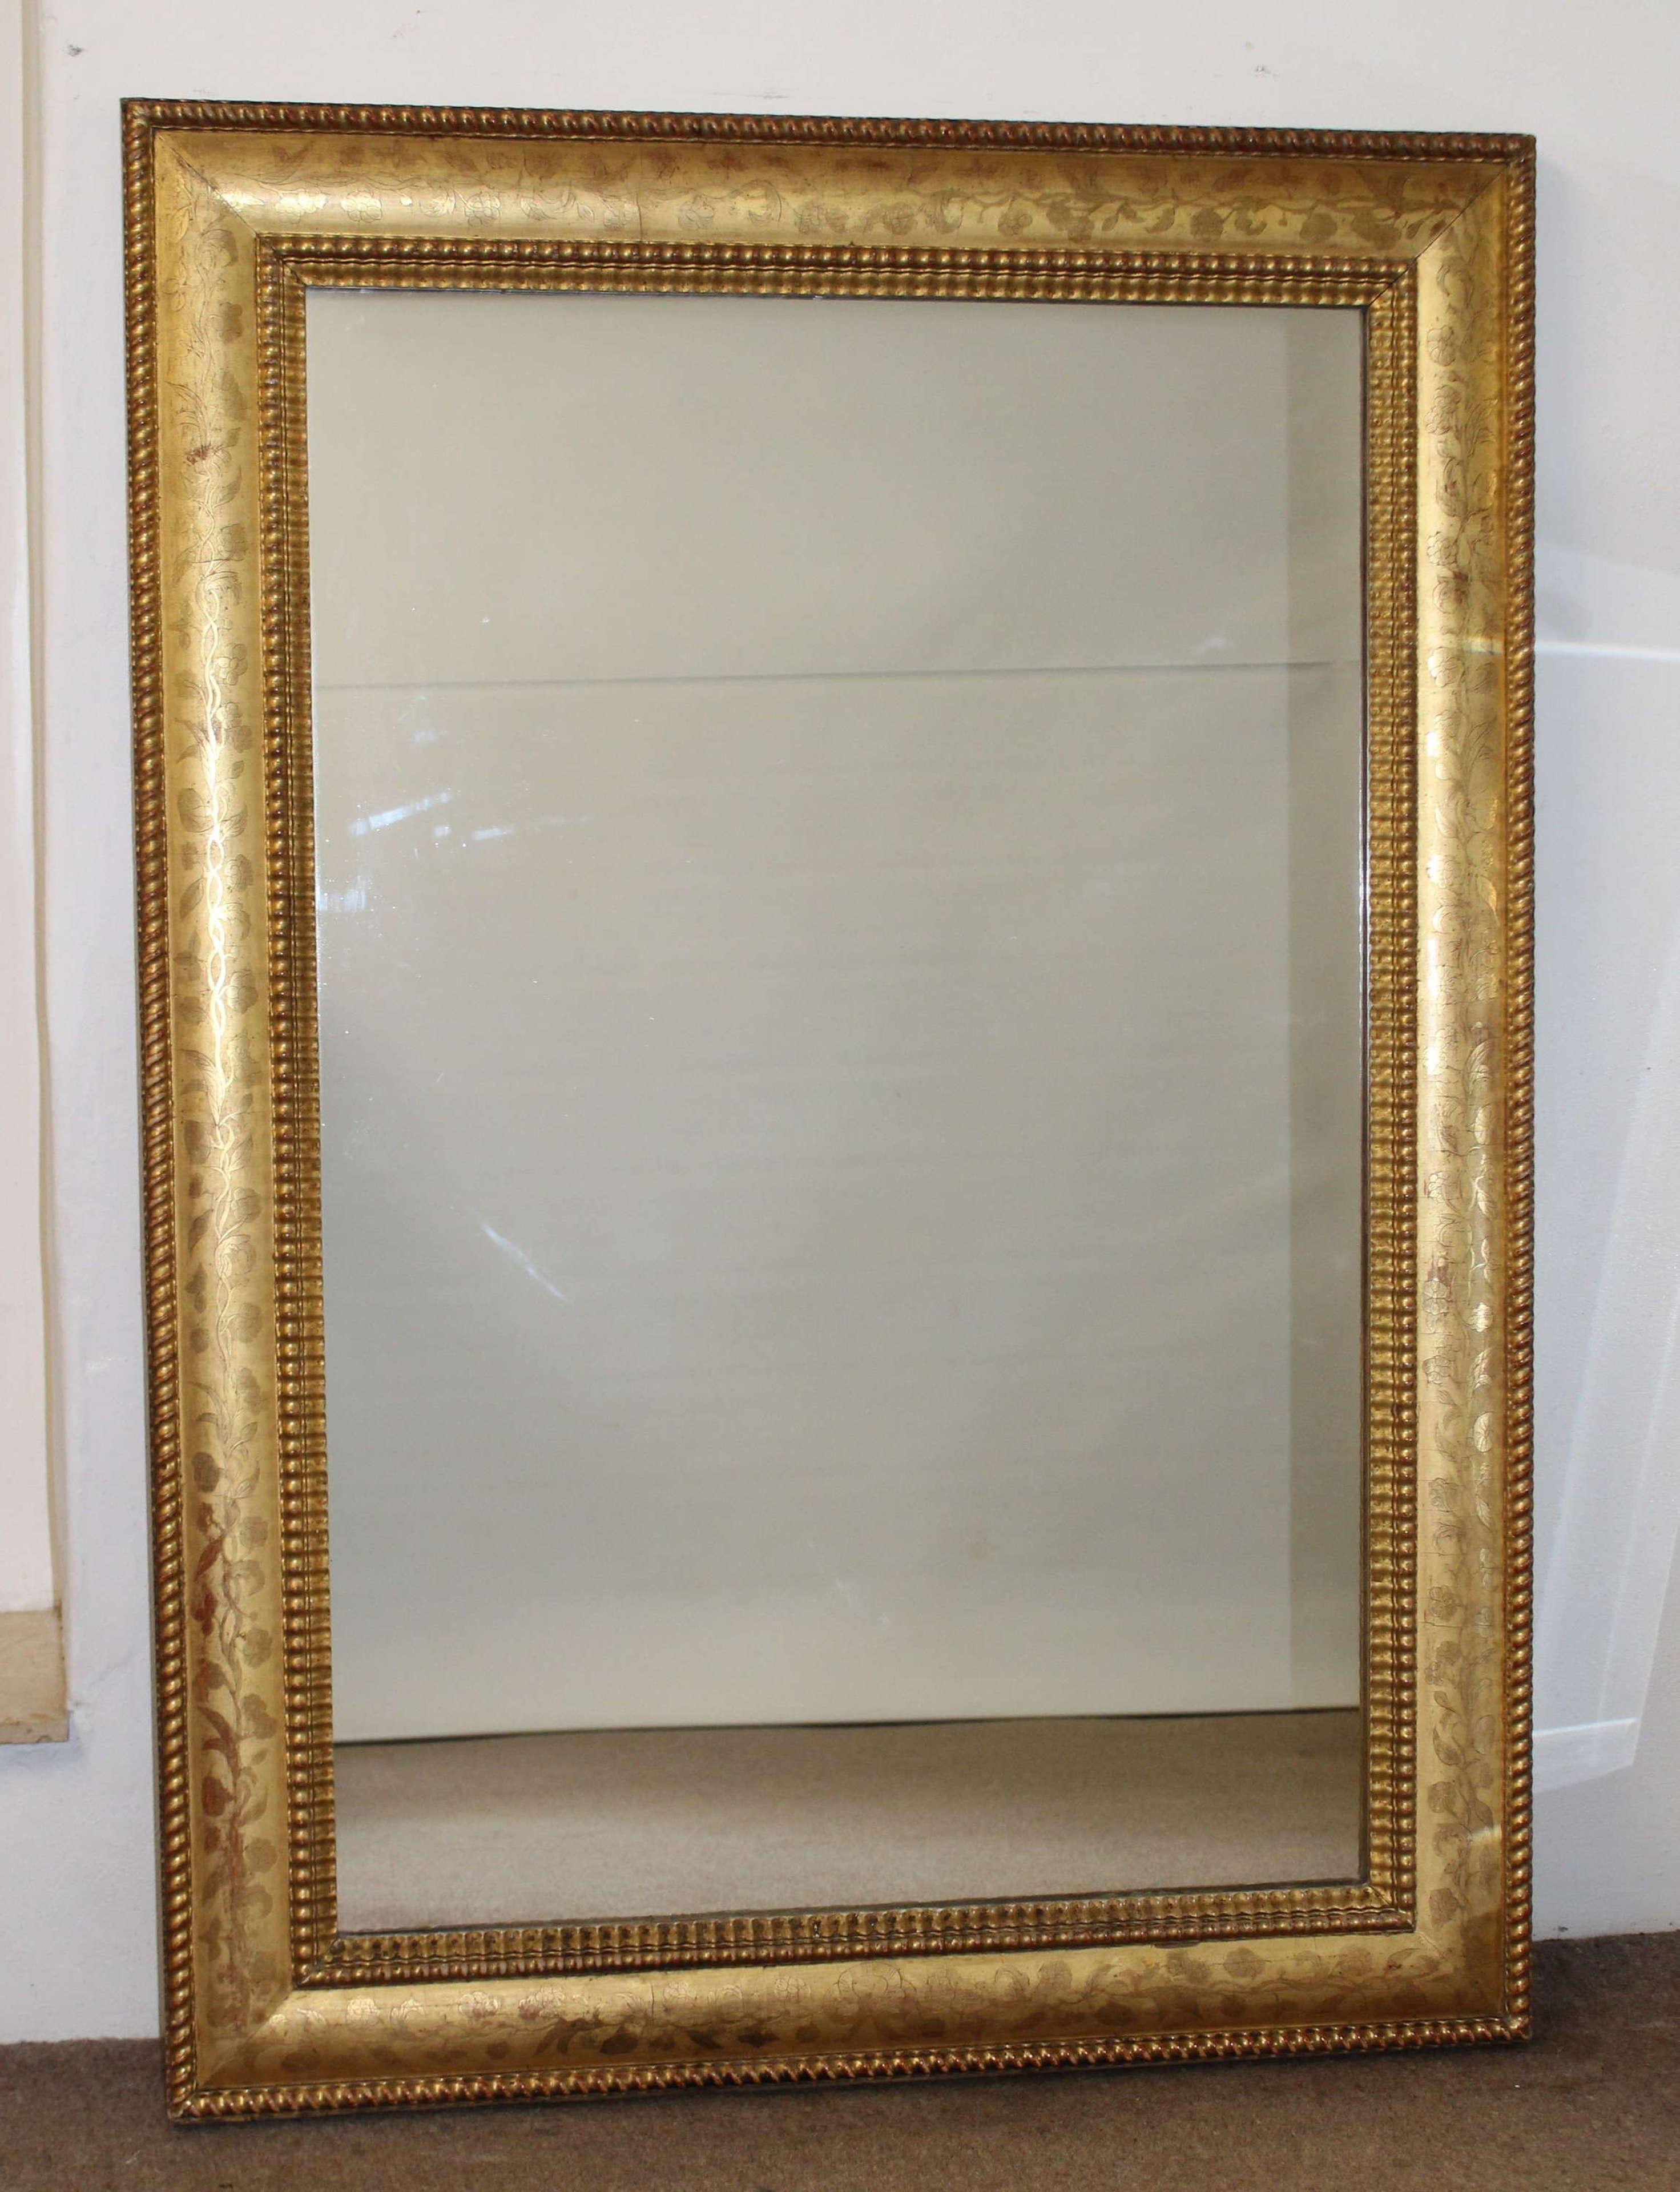 Superb antique etched gilt framed mirror